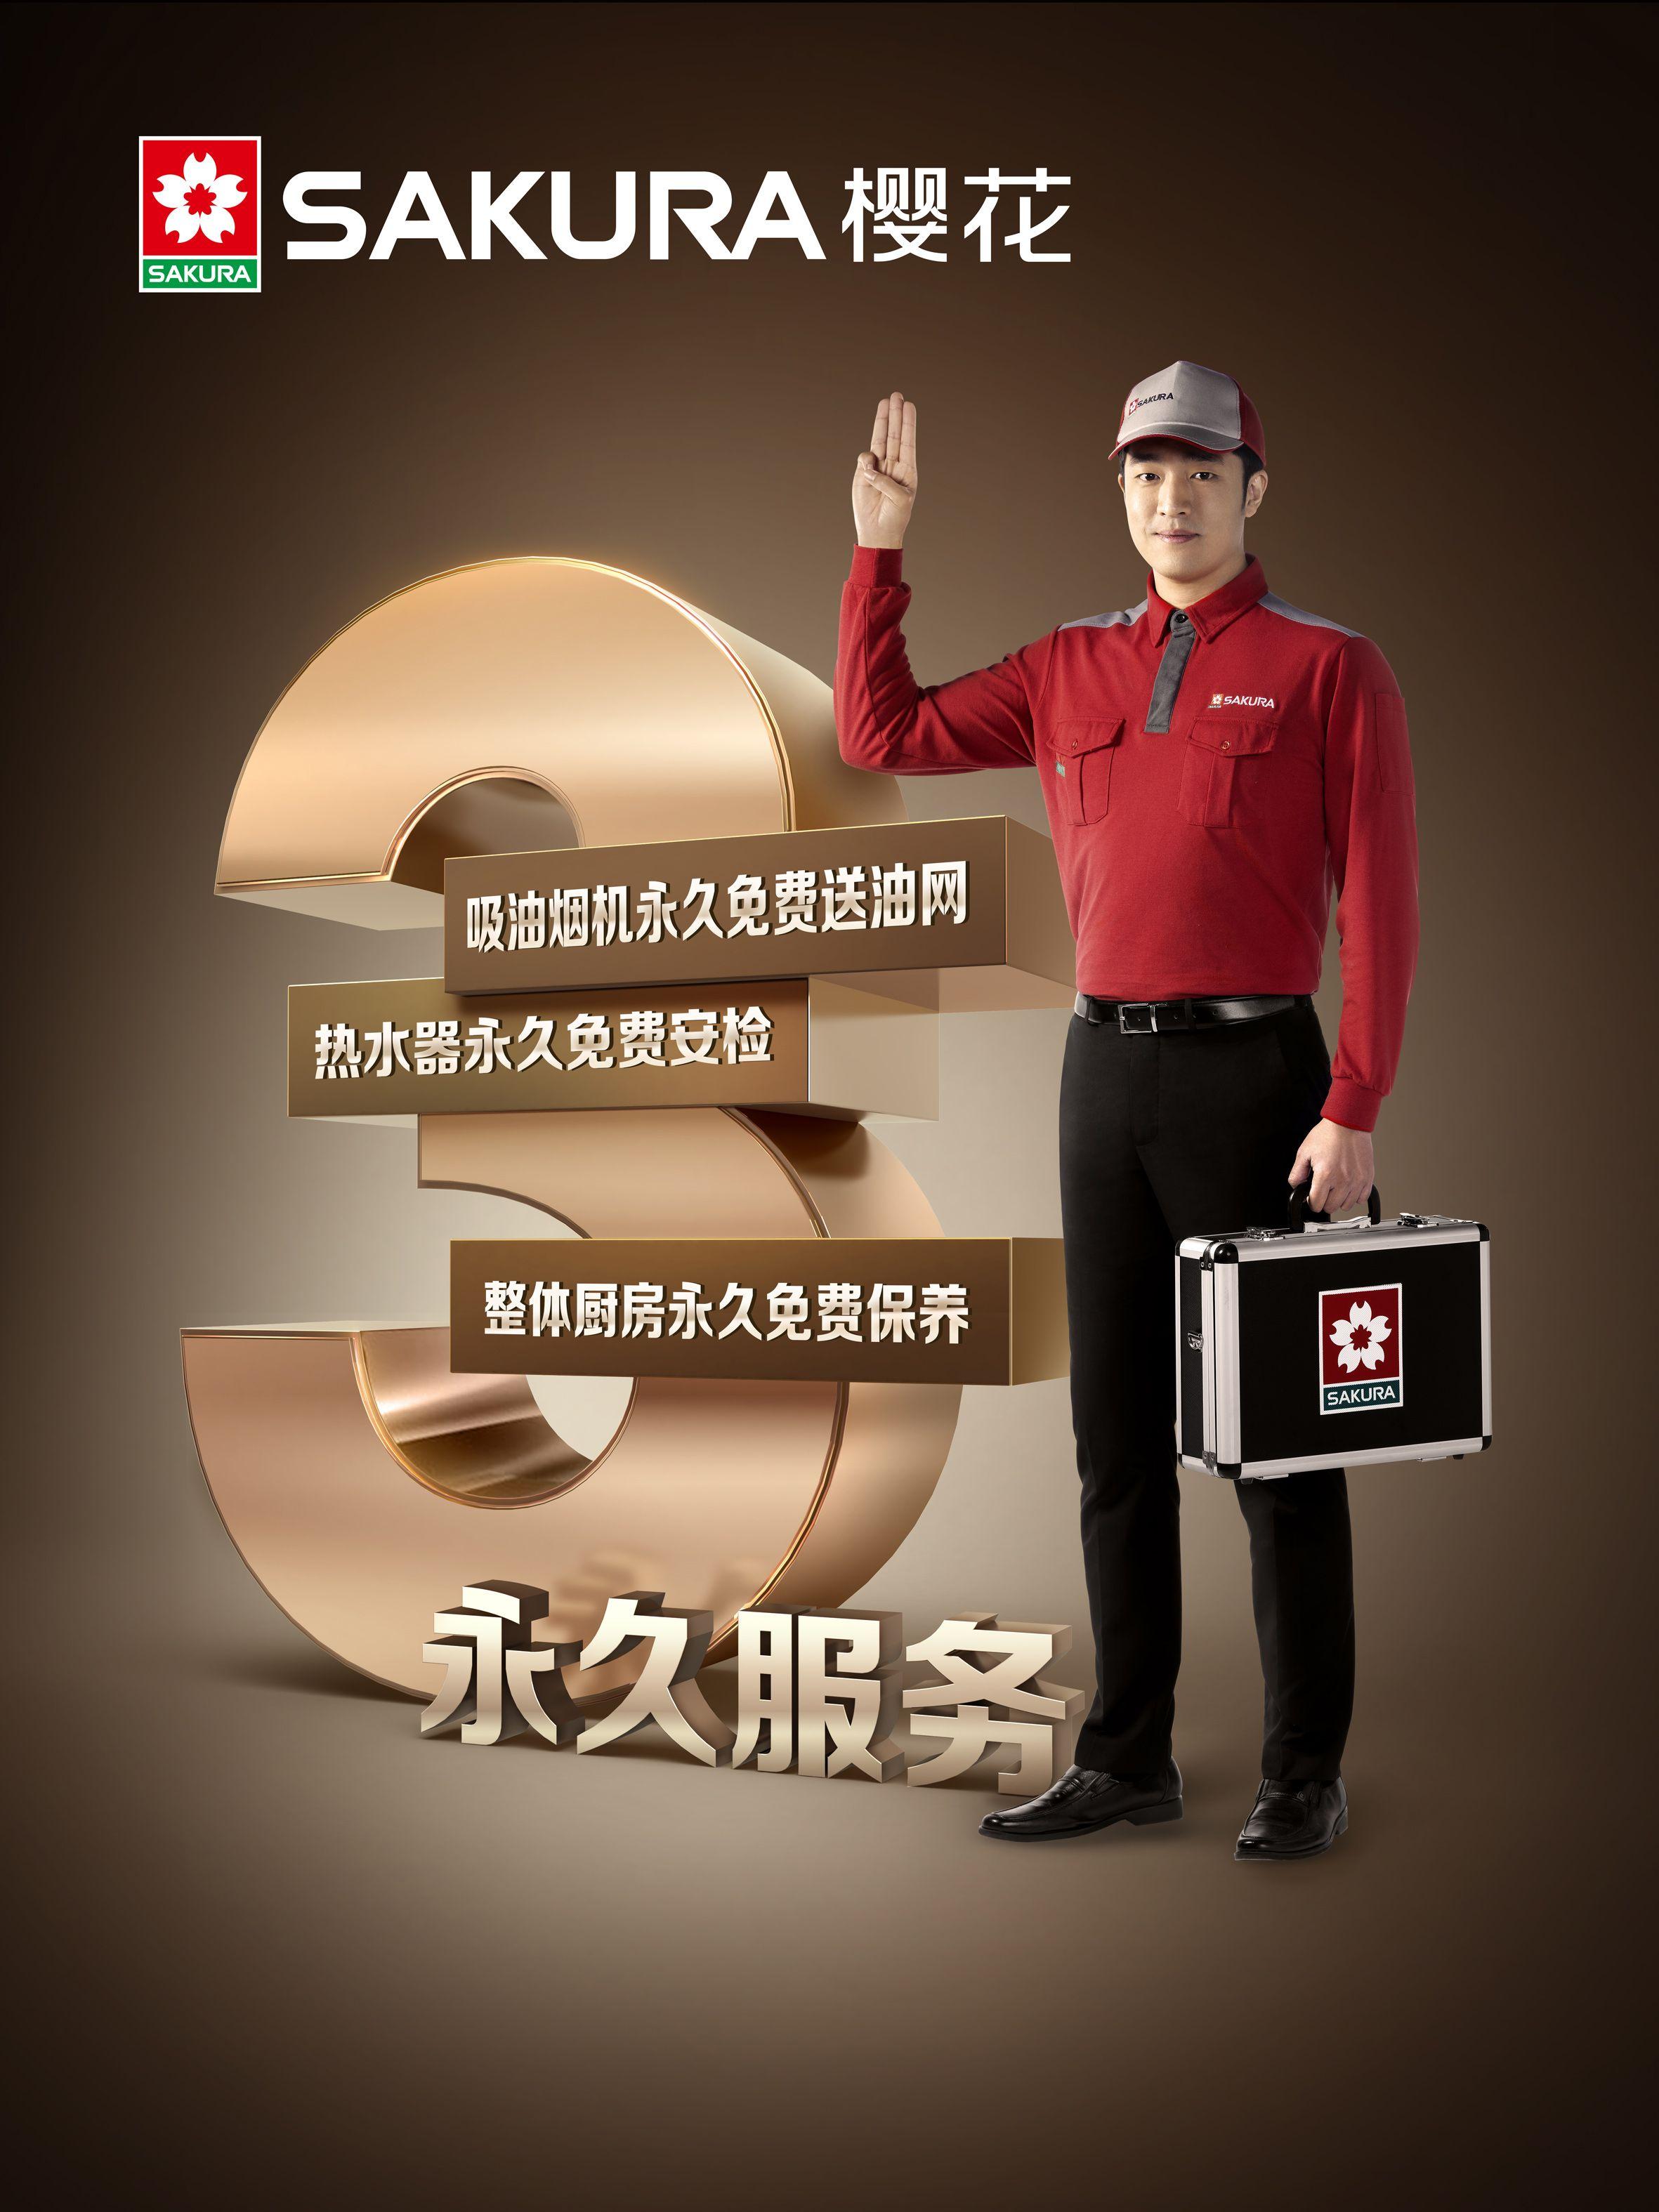 重庆南坪油烟机维修